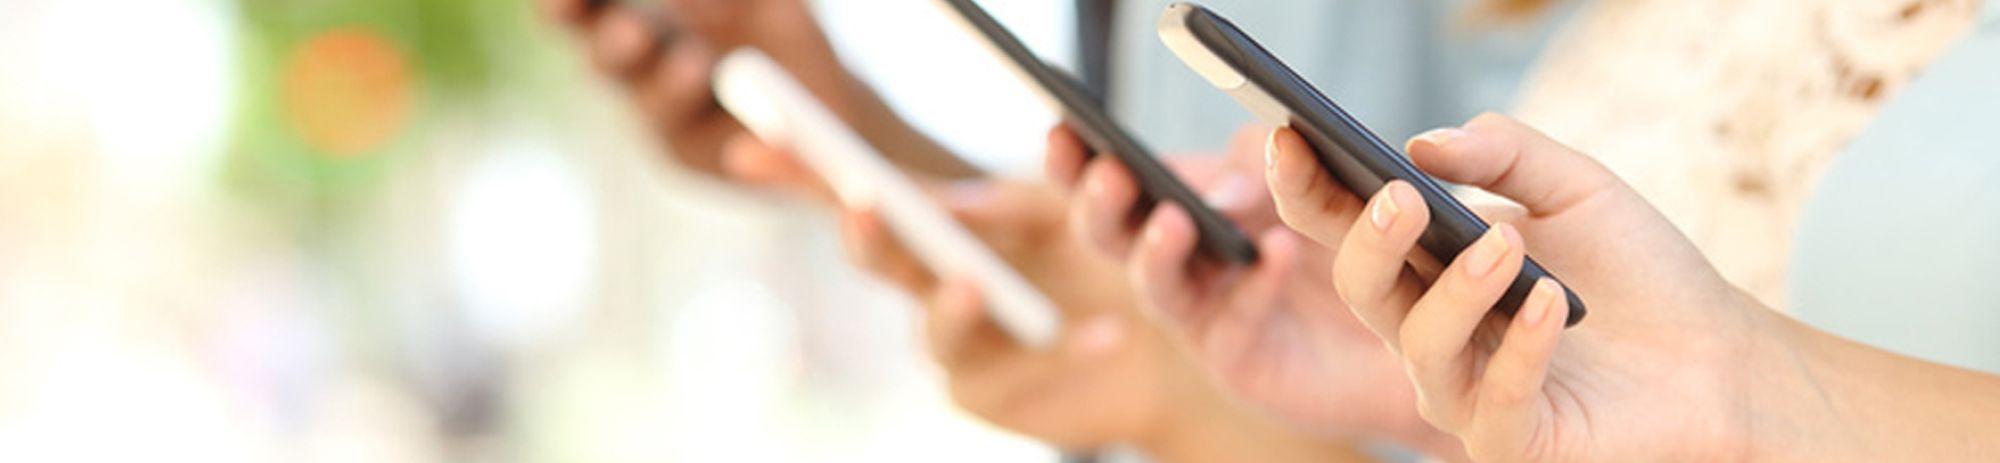 All-Ein, die digitale Verbindung und eine Dinnerparty-Menschen, die auf Handys schauen